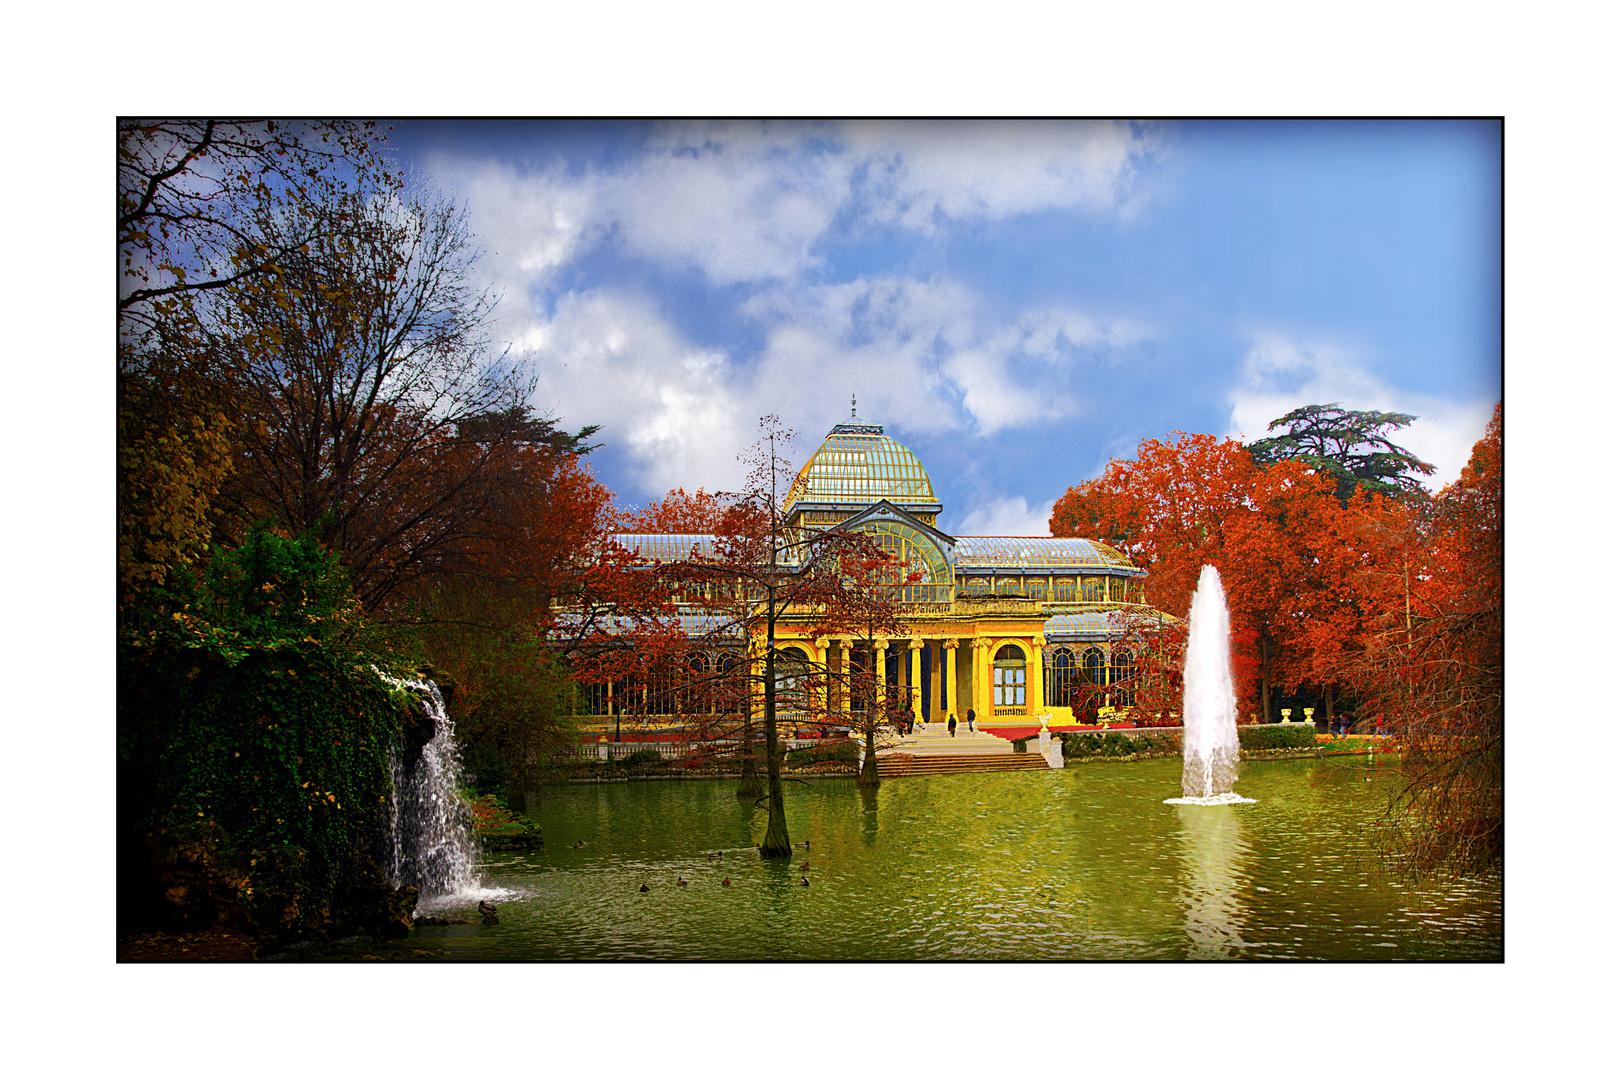 Palacio de Cristal I (para el proyecto de Jorge)